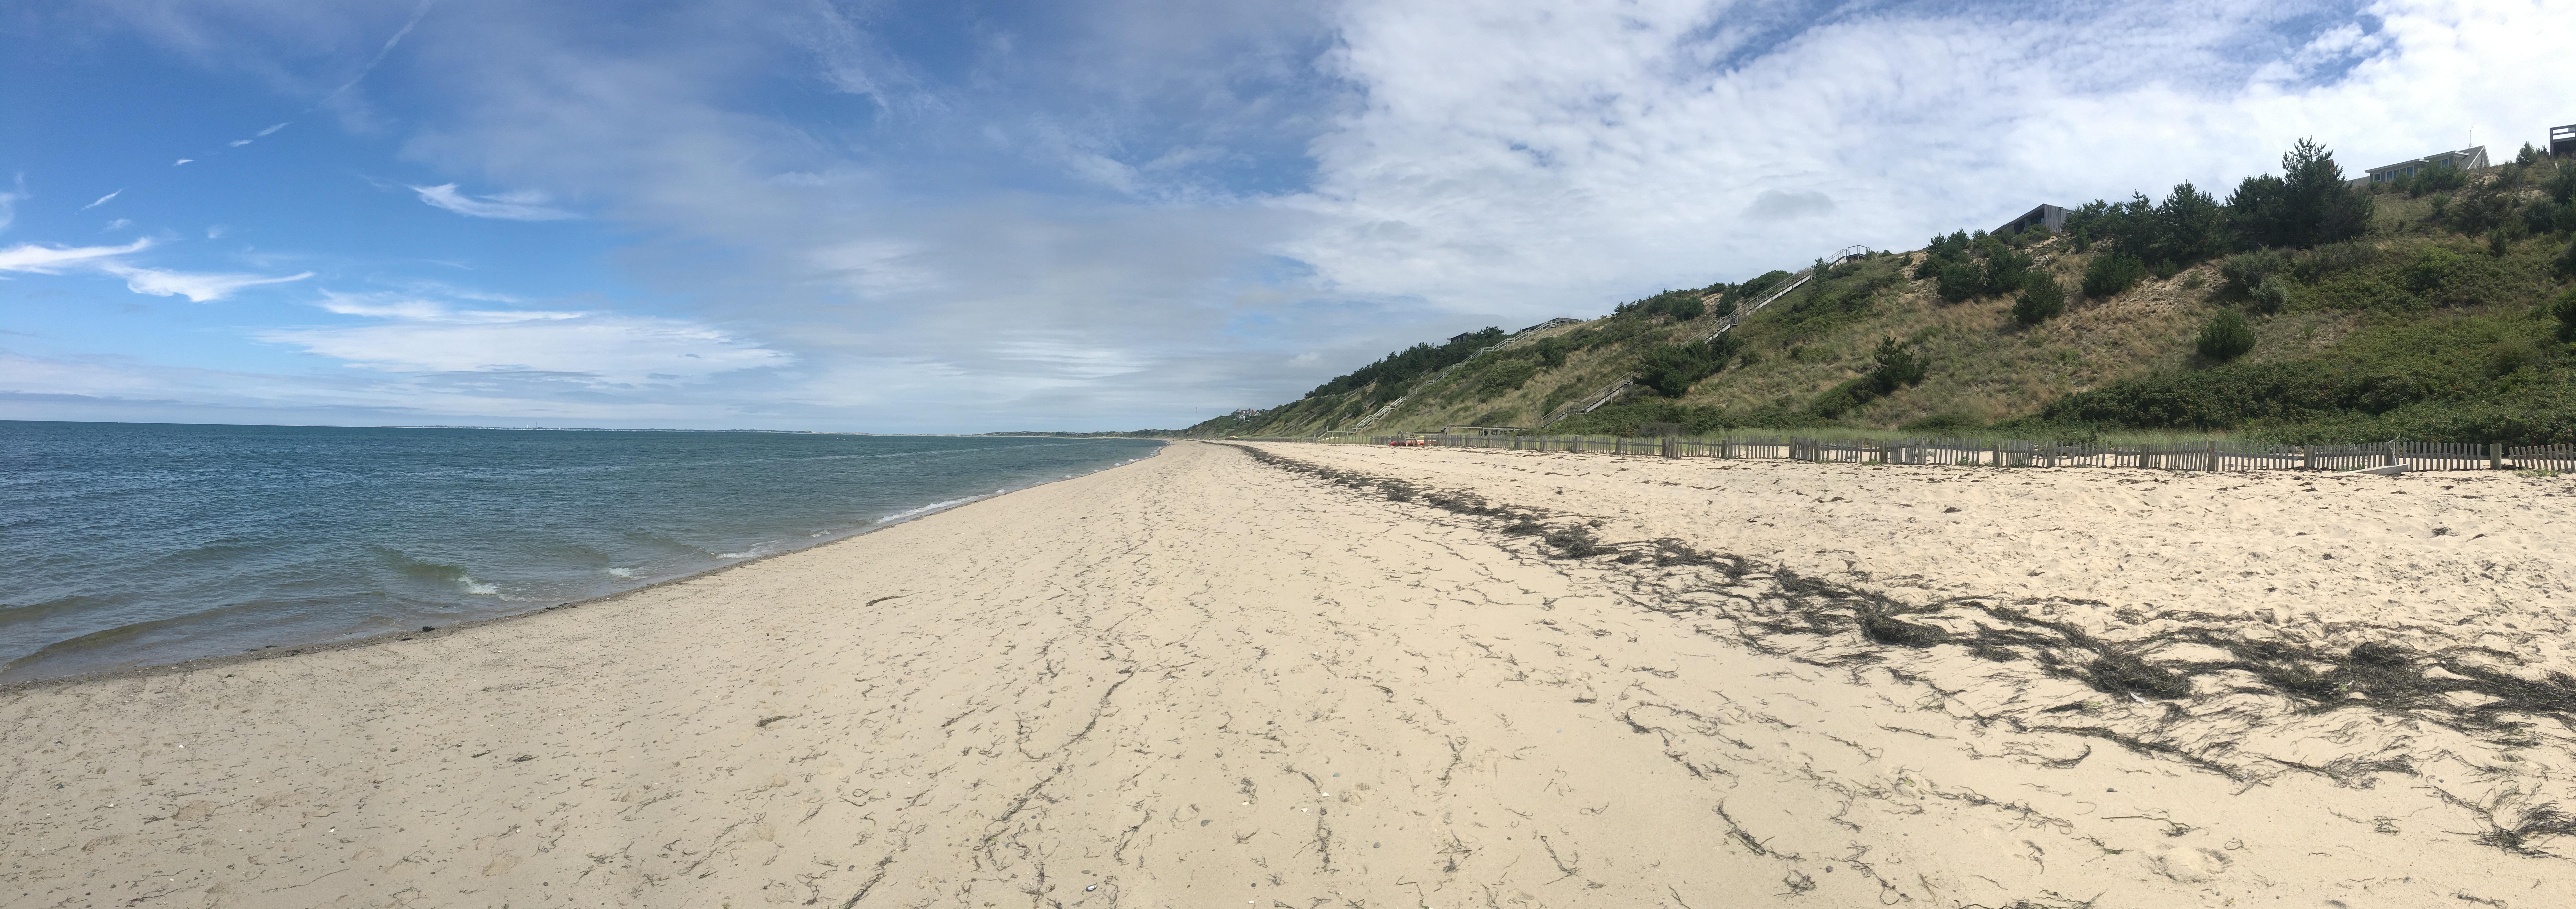 tuoro beach